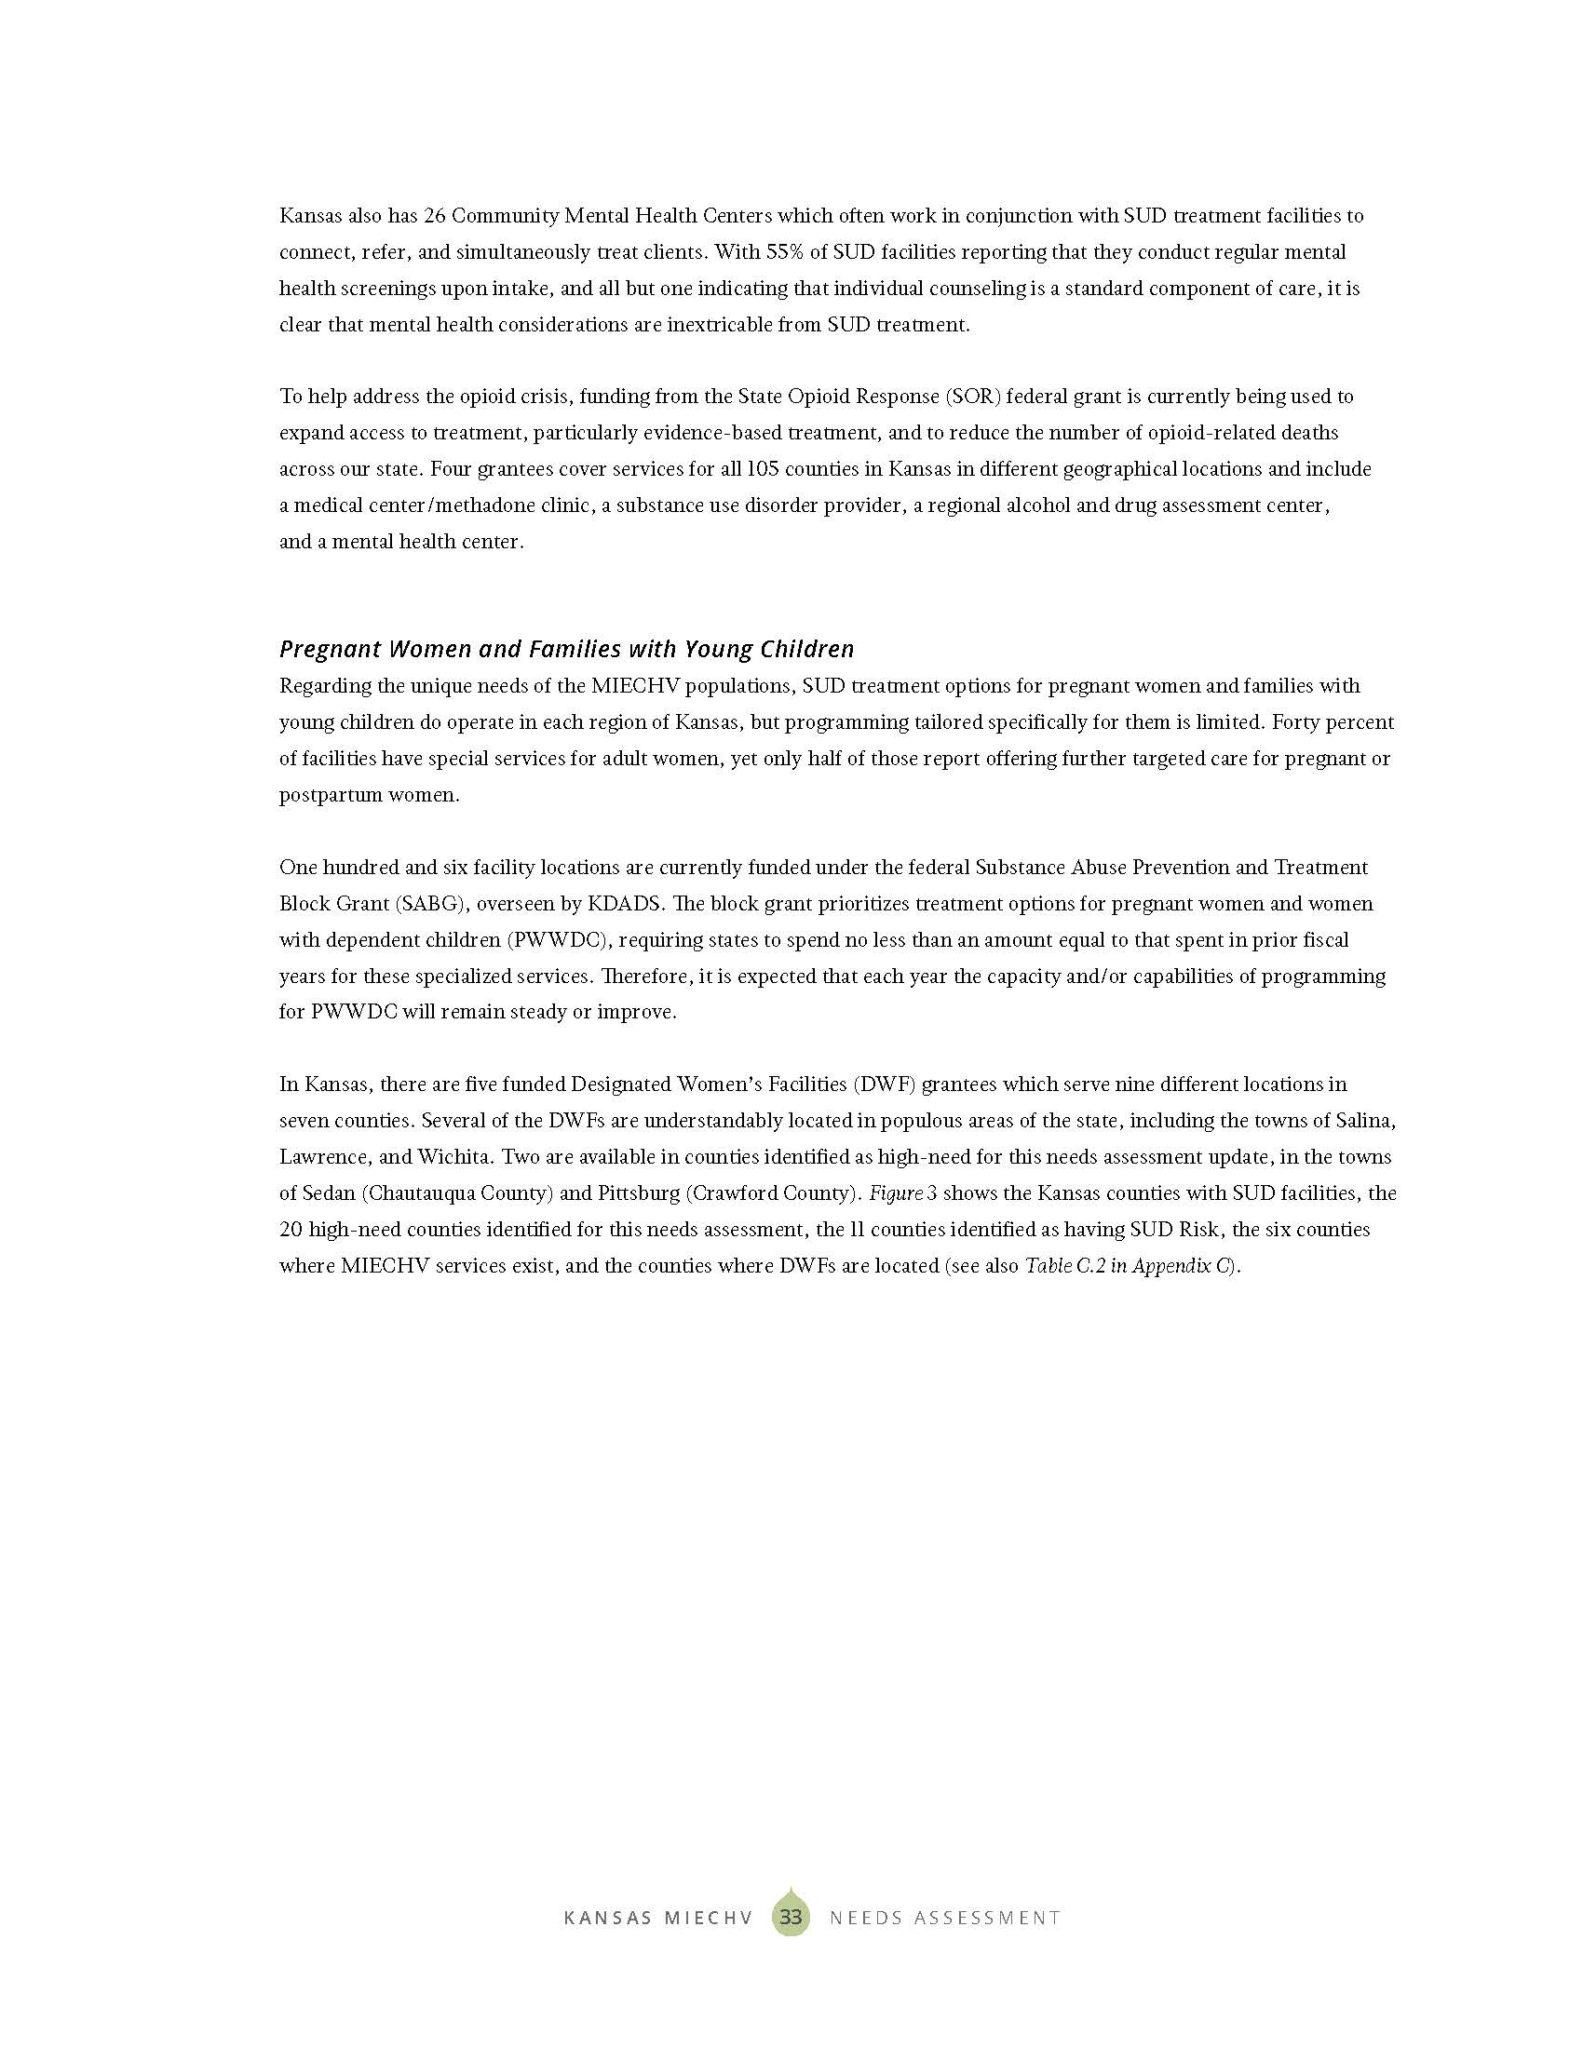 KS MIECHV 2020 Needs Assessment_DIGITAL_Page_041